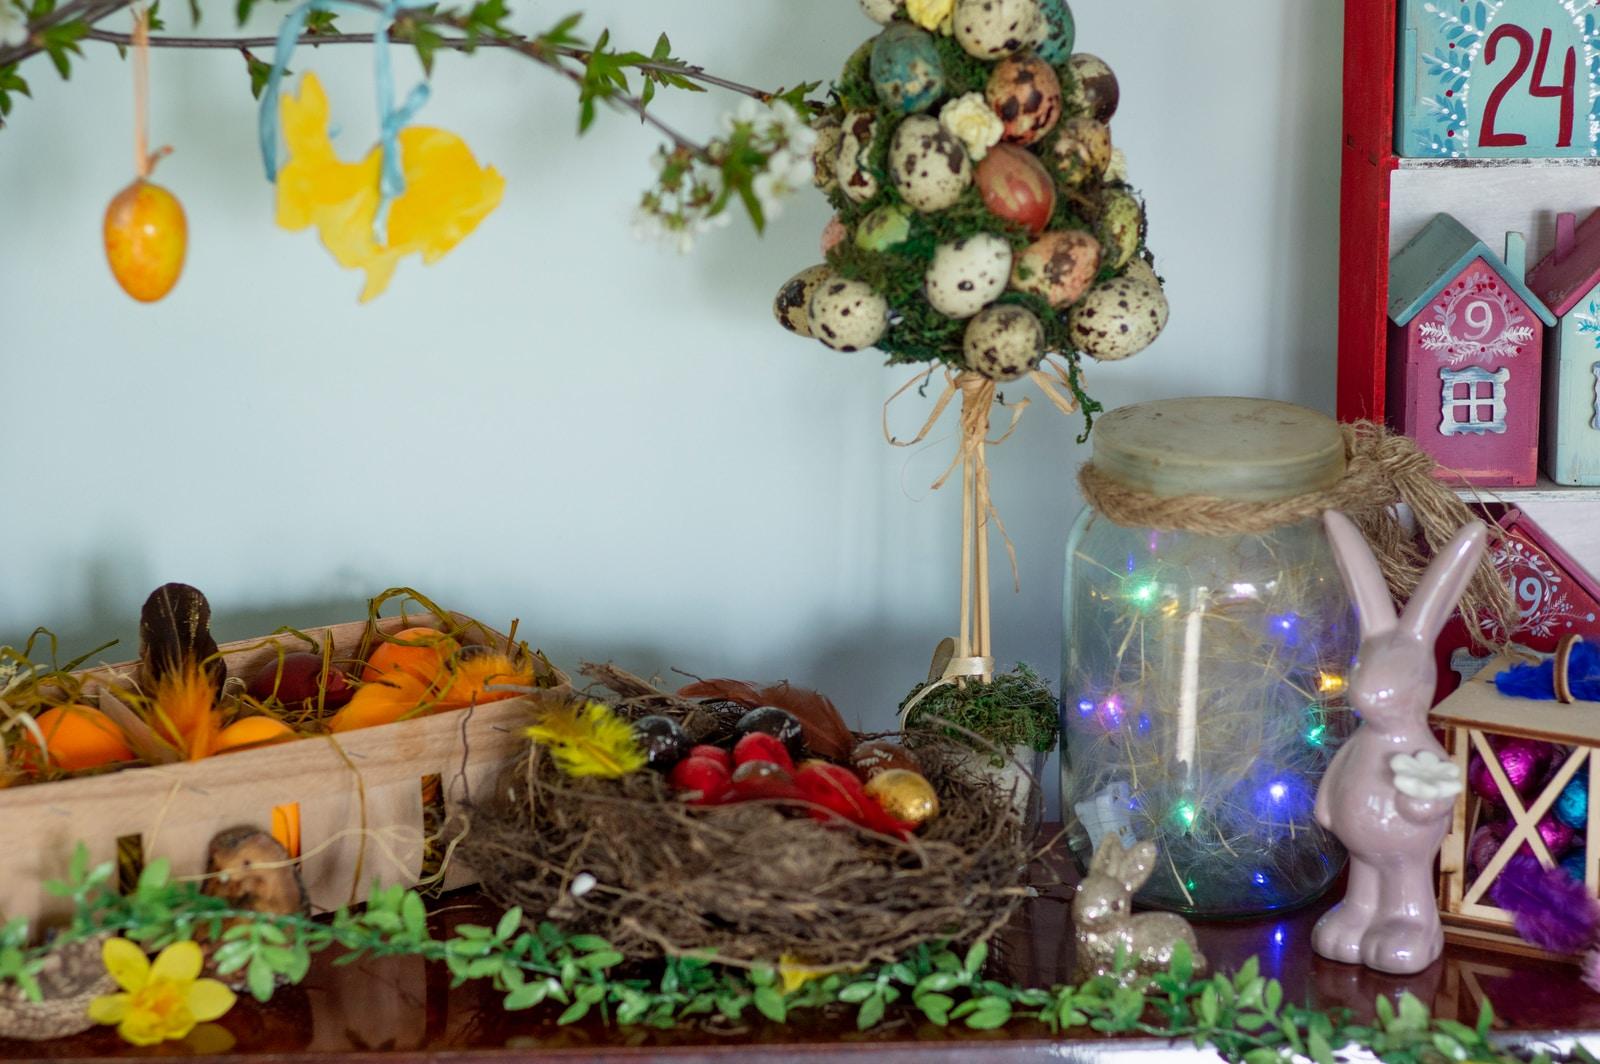 ιδέες για διακόσμηση βάφτισης το Πάσχα